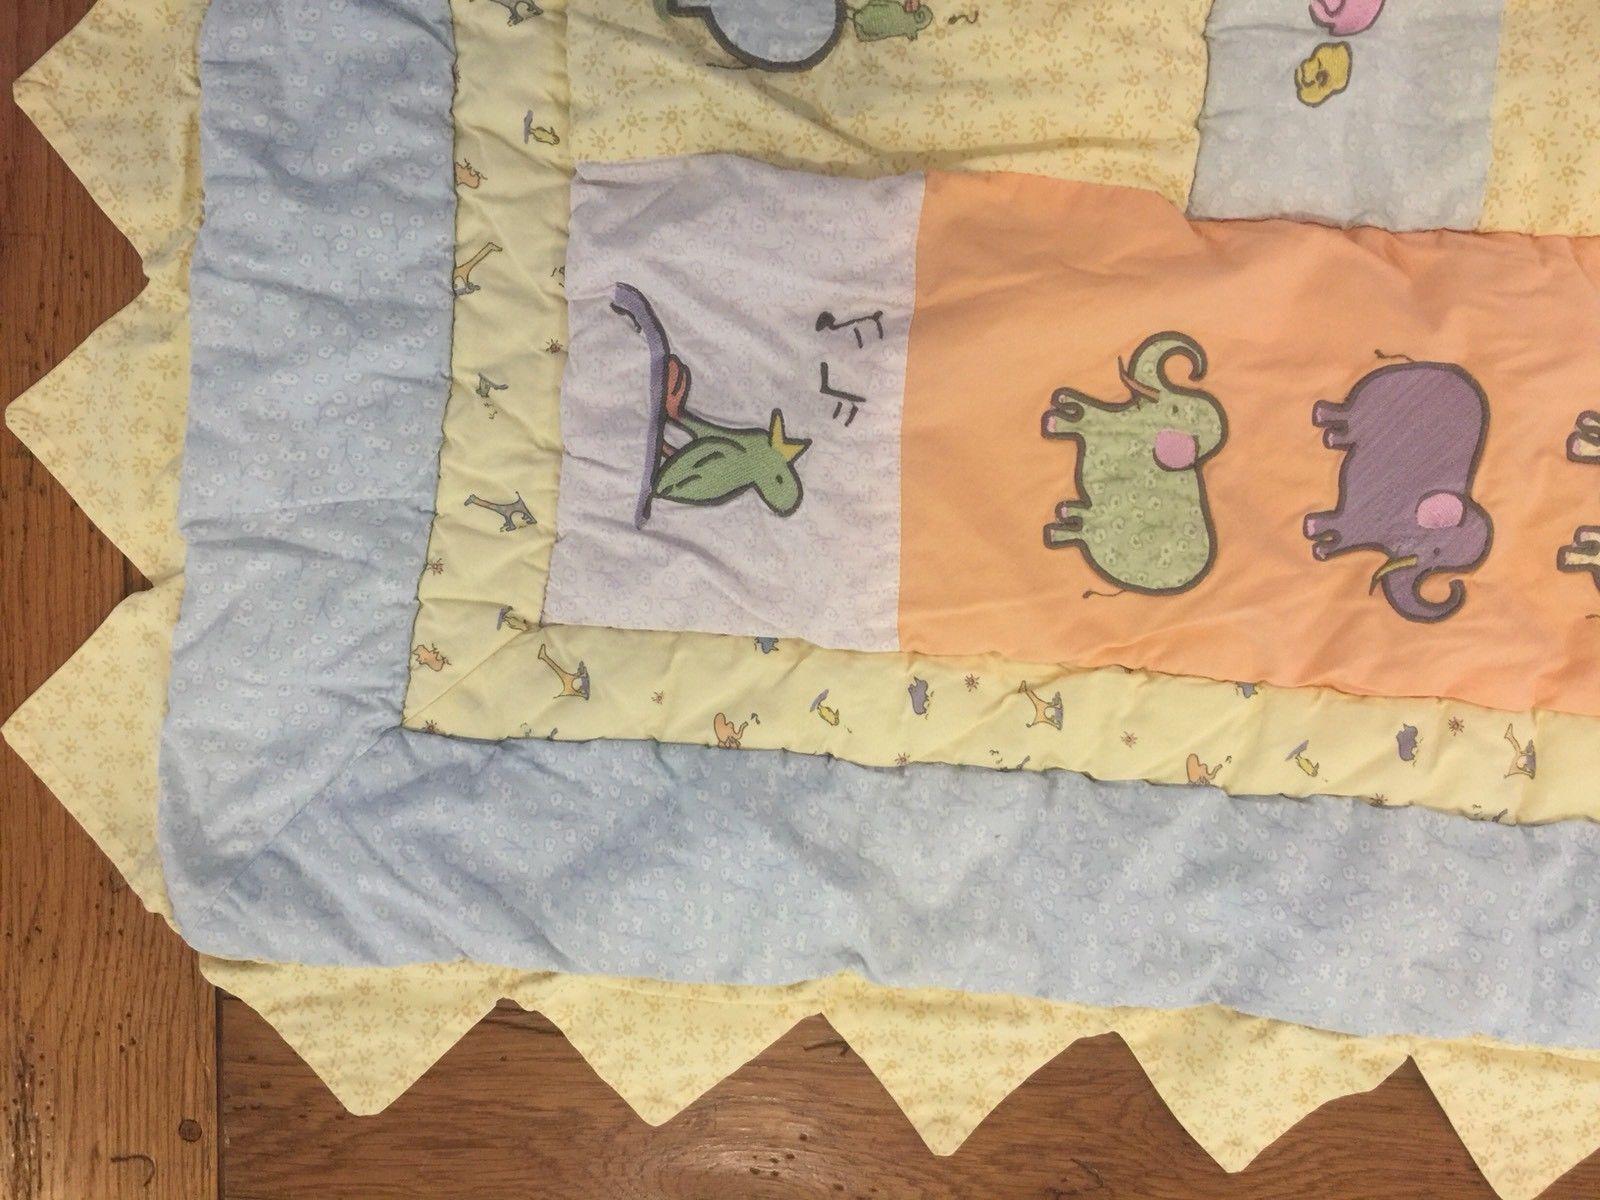 Carters Real Love John Lennon Baby Comforter Blanket Crib Quilt Animals (47)